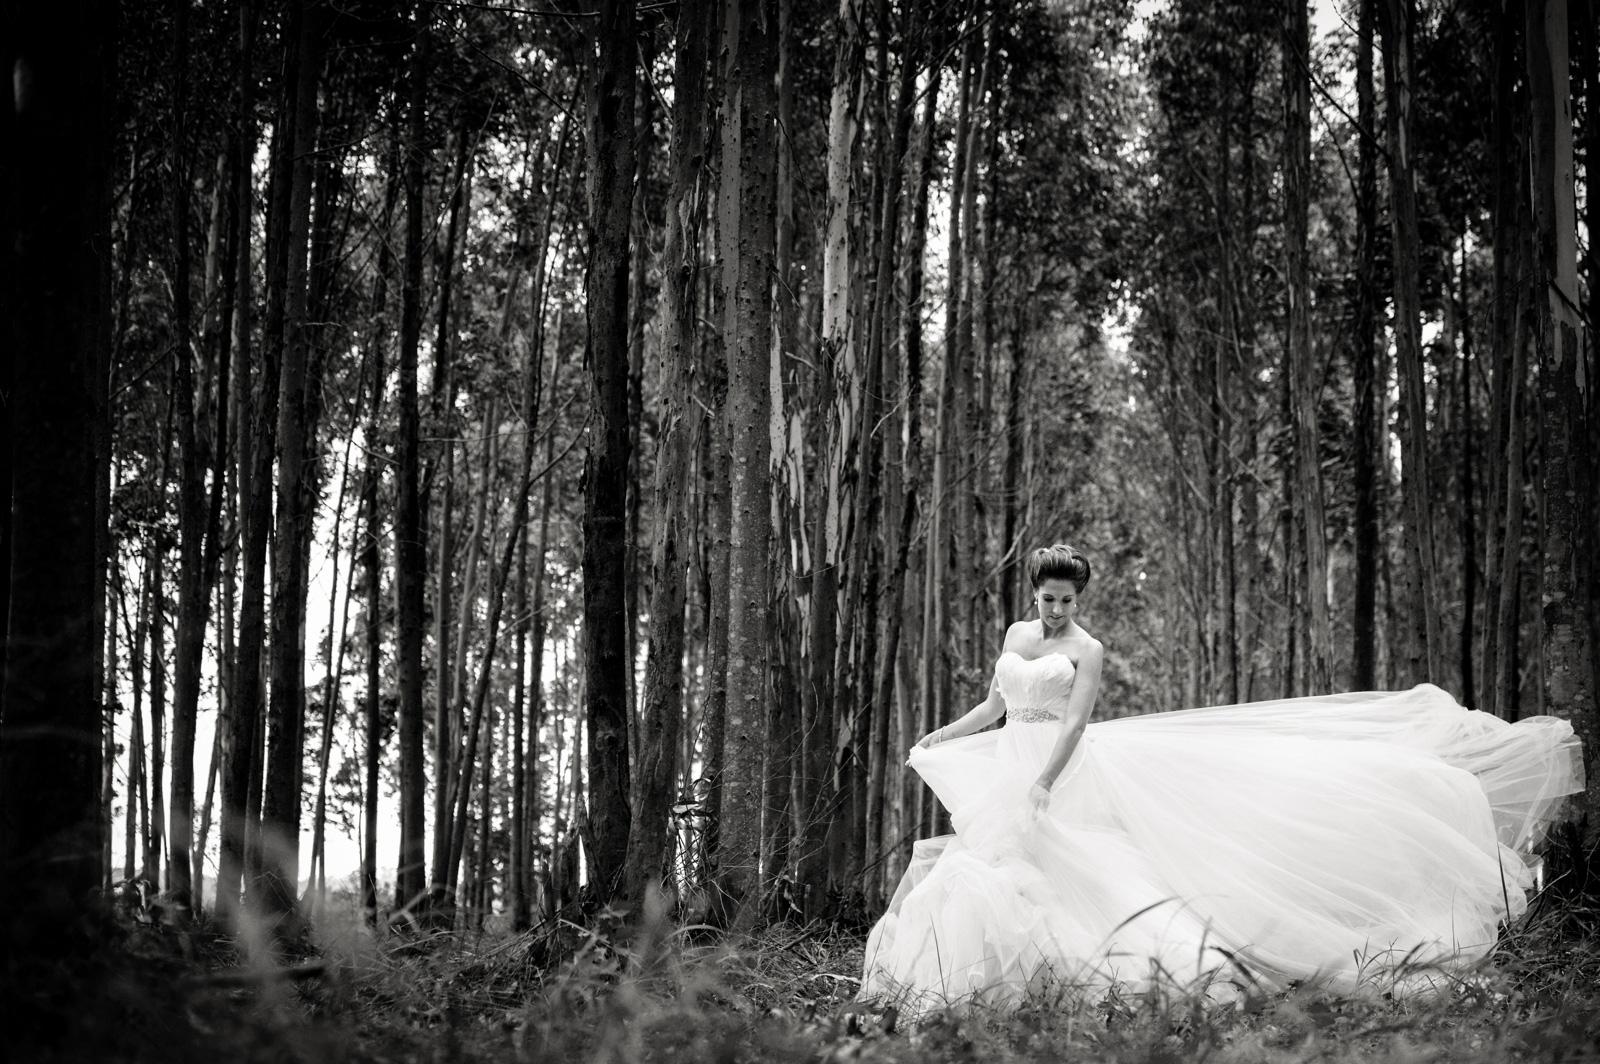 swan dress in woods